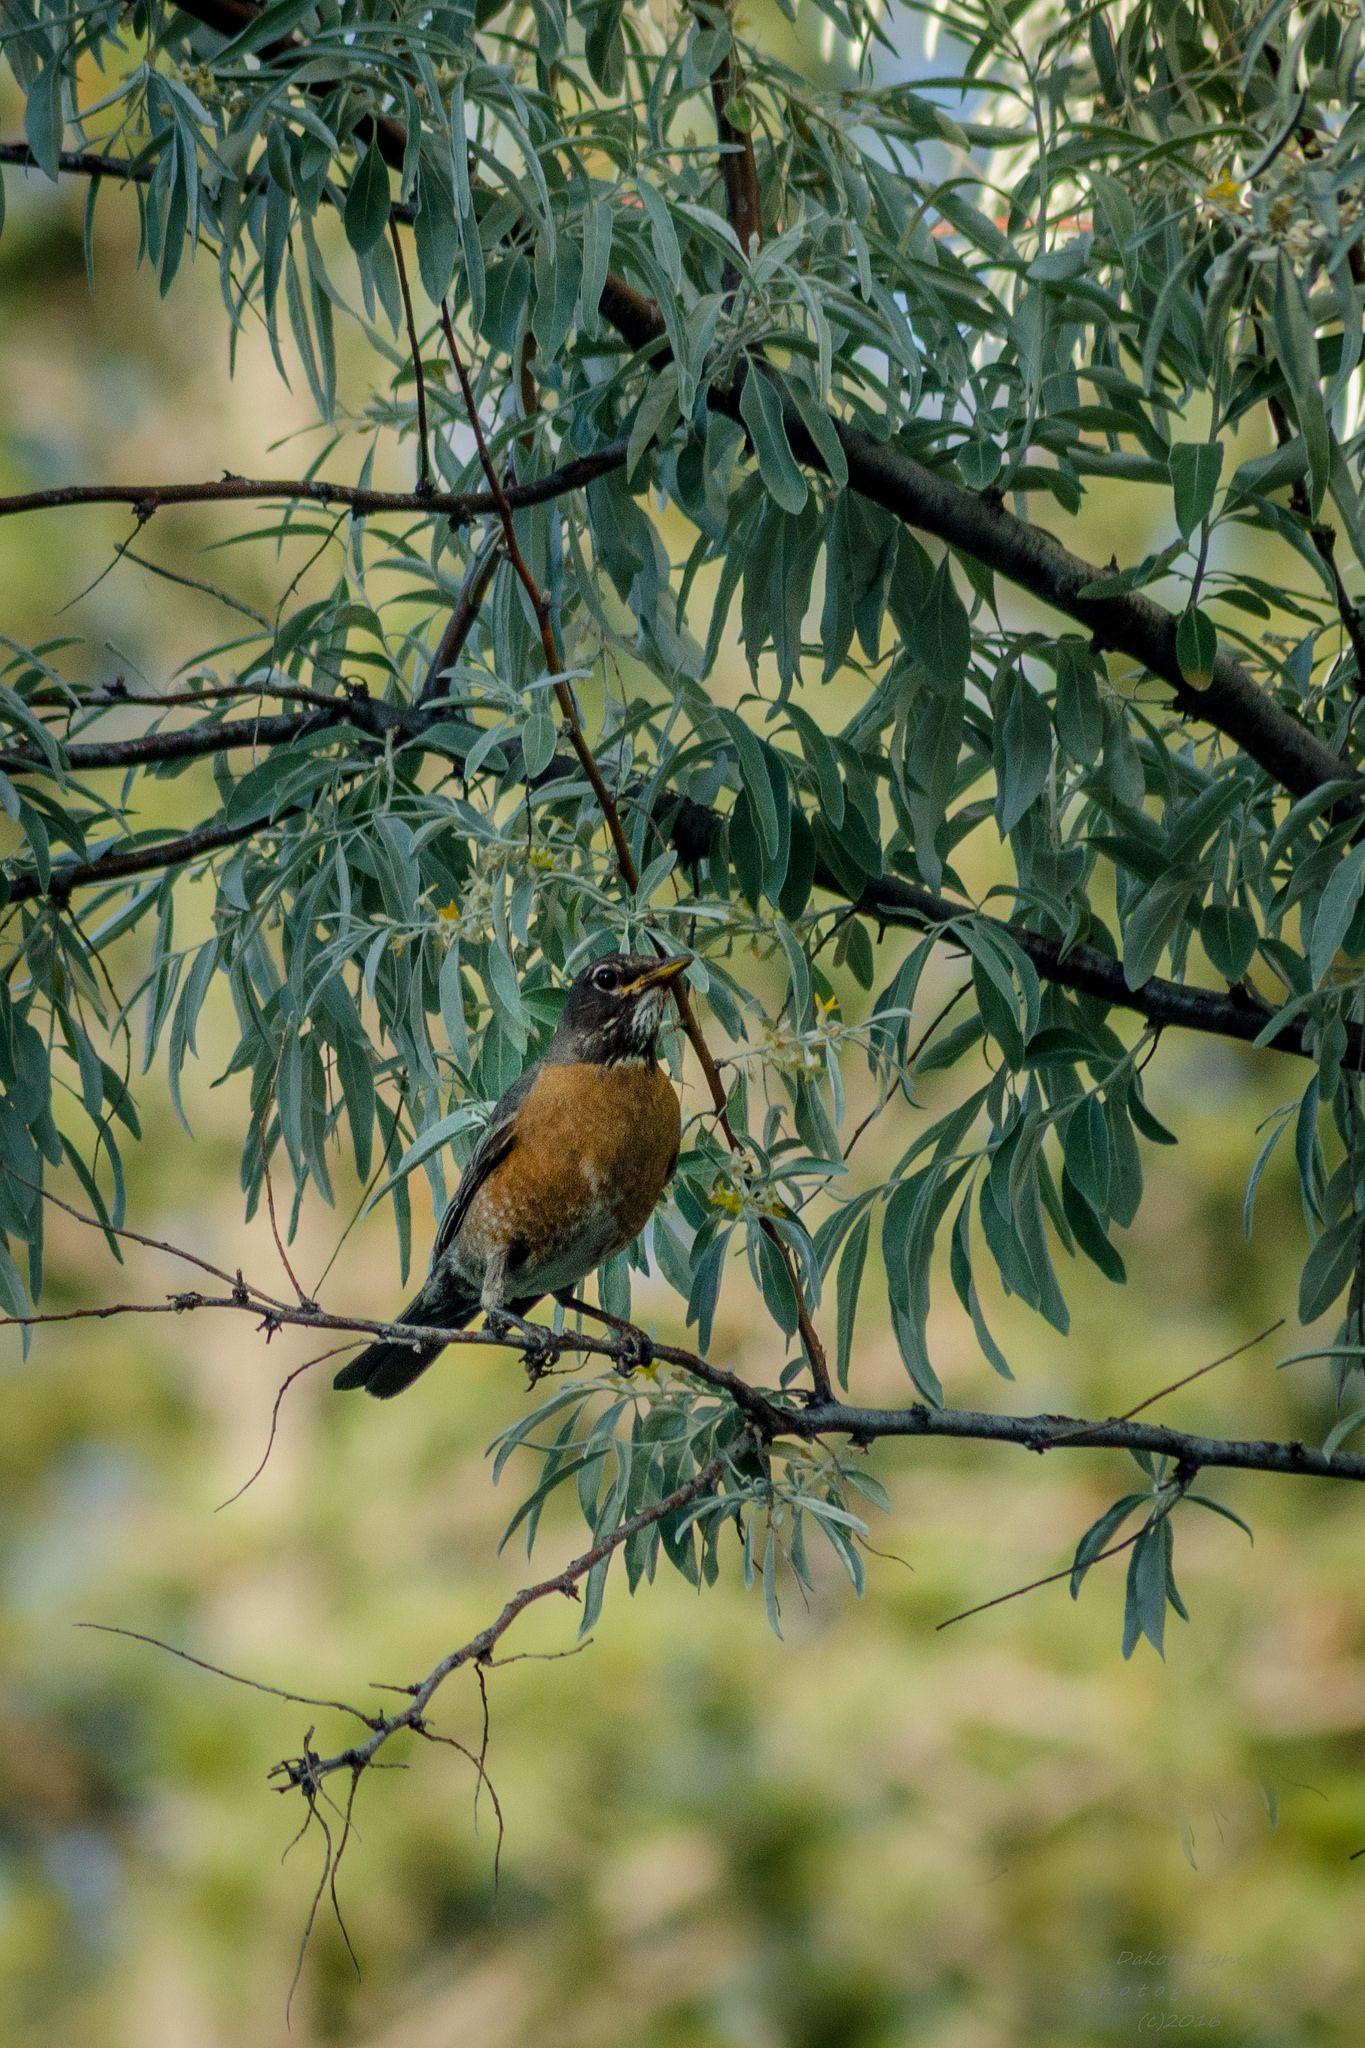 20160622 robin in a tree